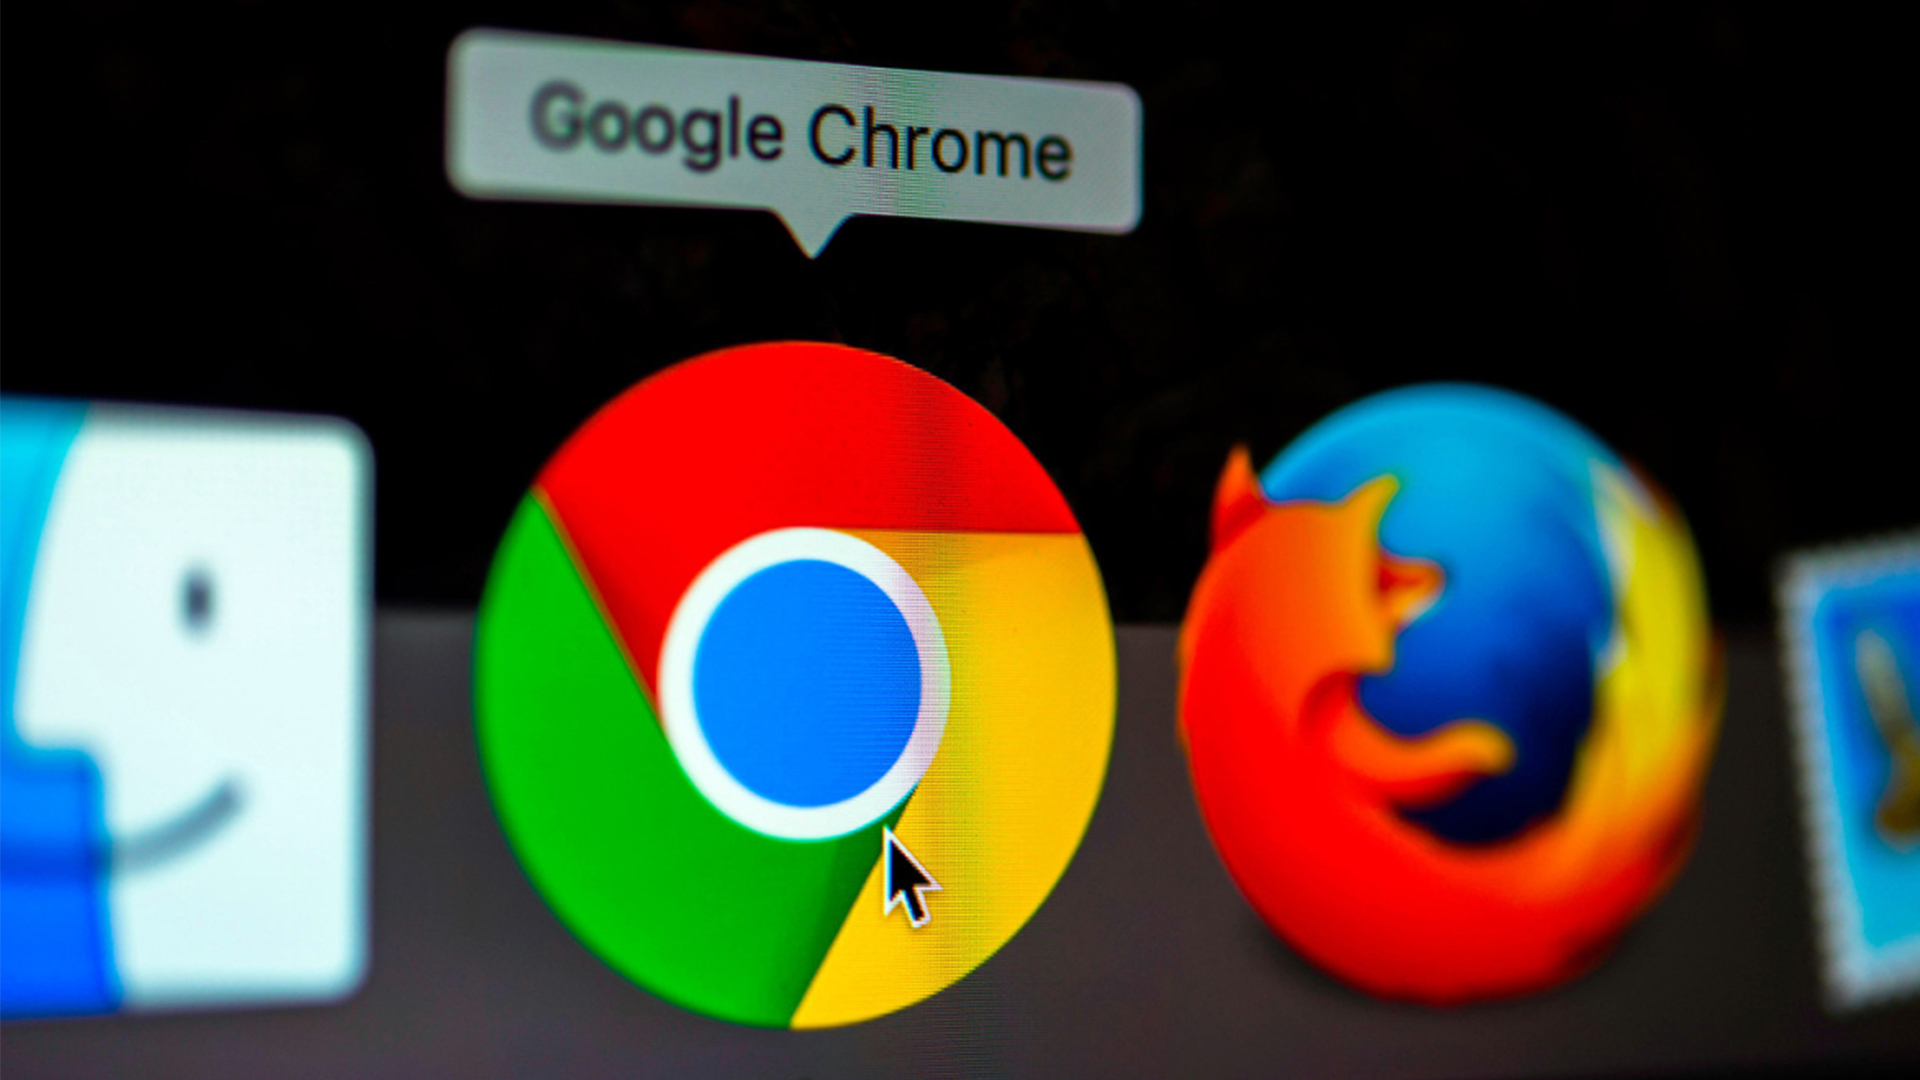 Пользователи выяснили, что Chrome забывает удалять данные сайтов Google